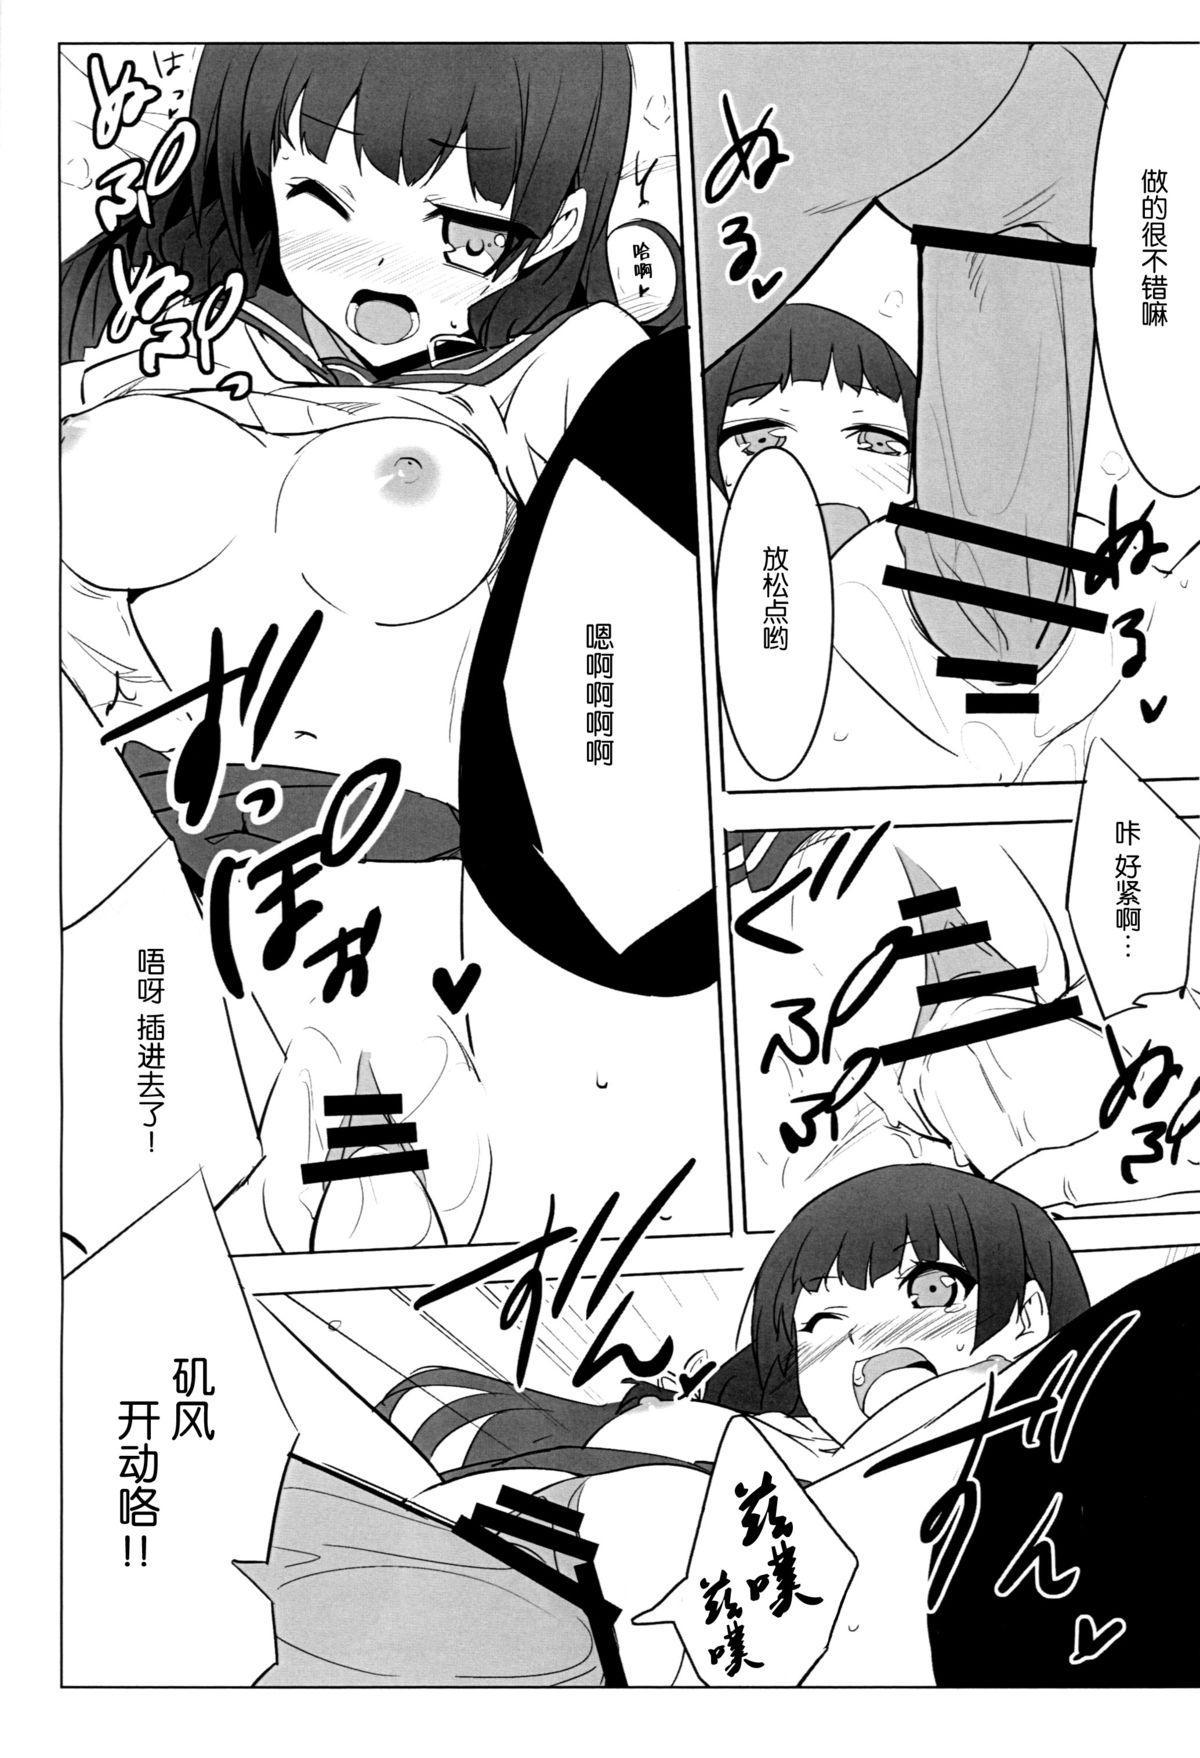 Isokaze Chronicle 11